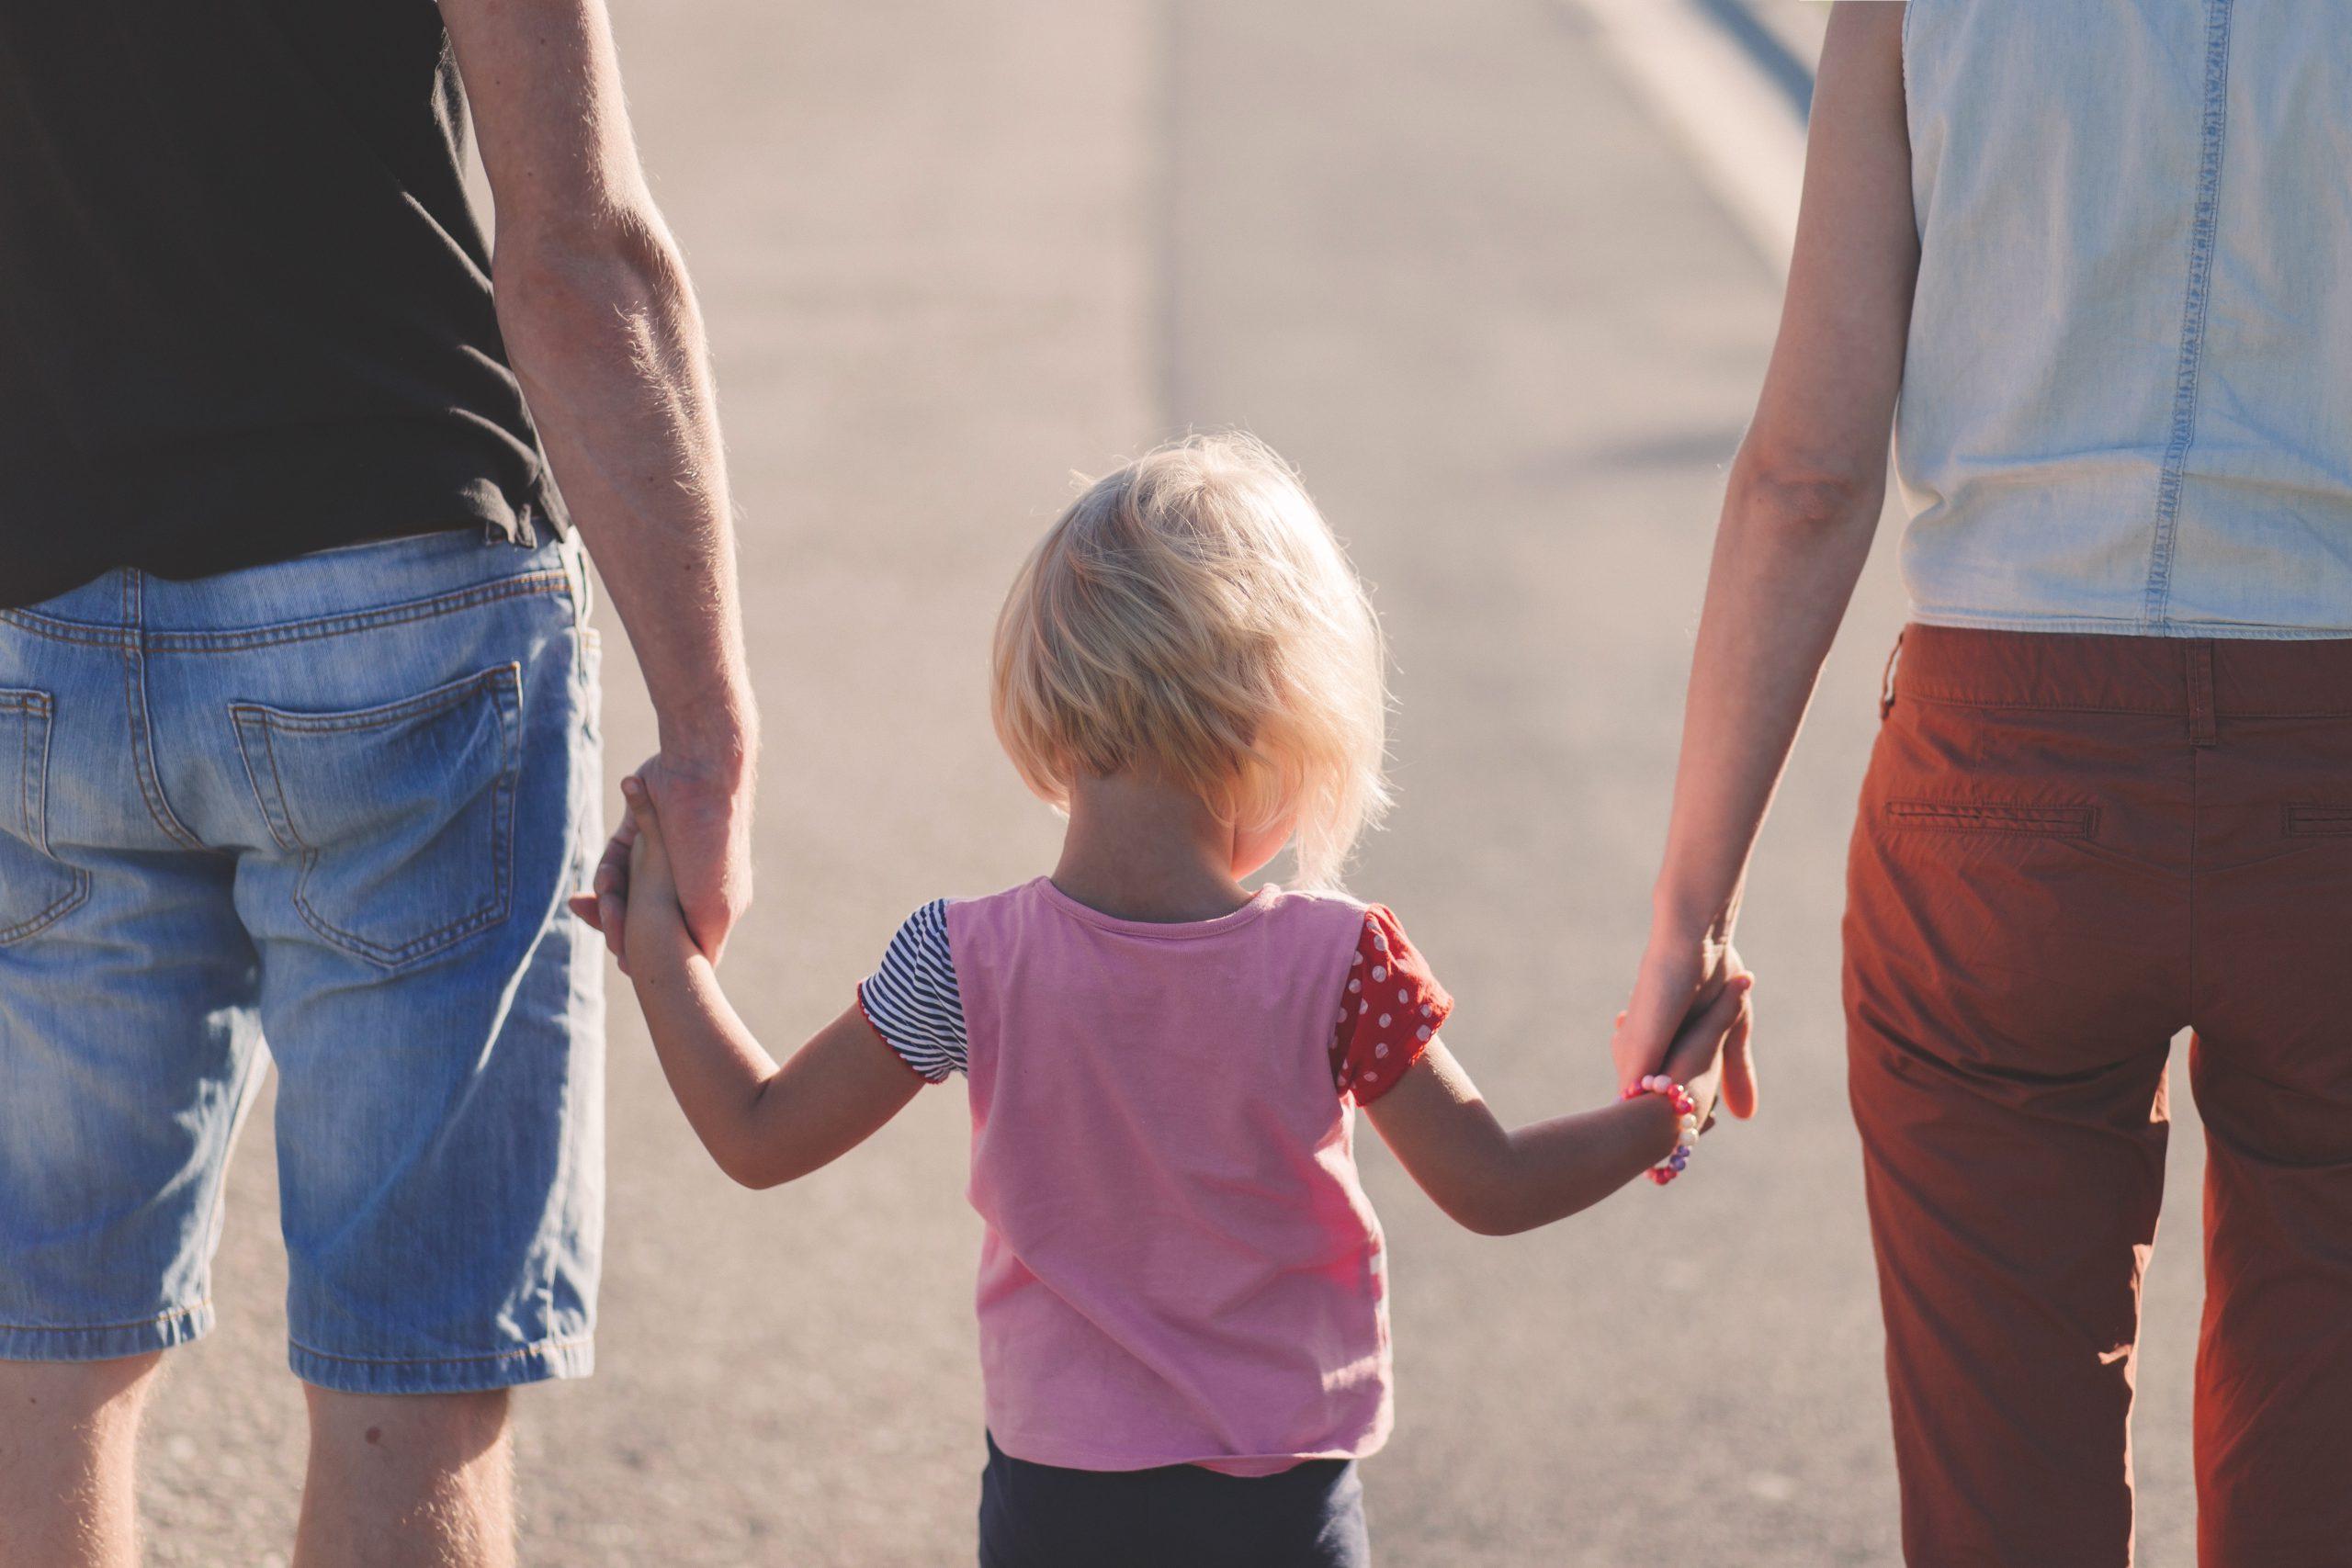 De kracht van boze ouders